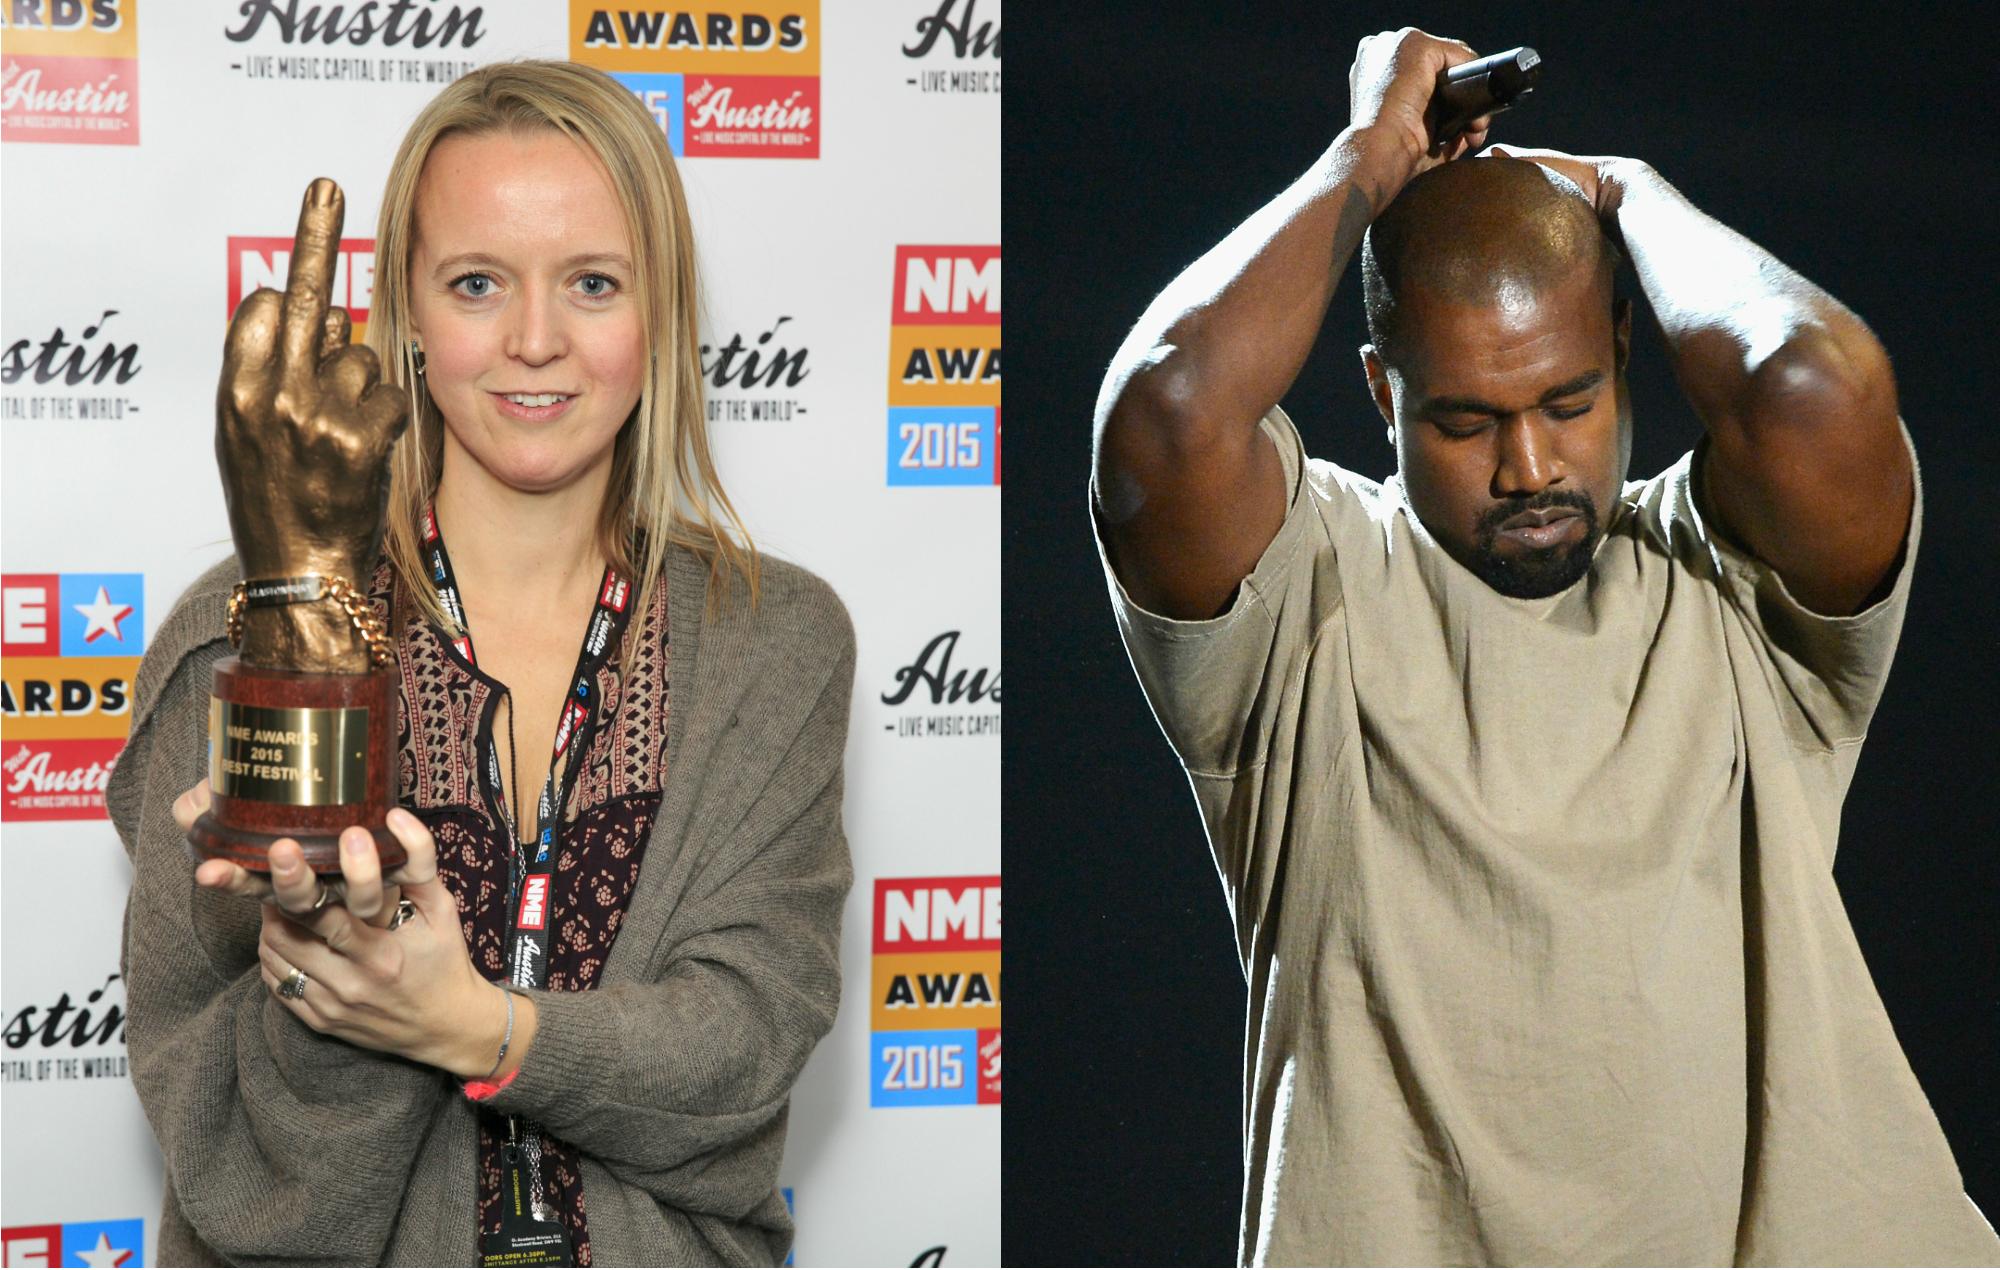 Emily Eavis and Kanye West